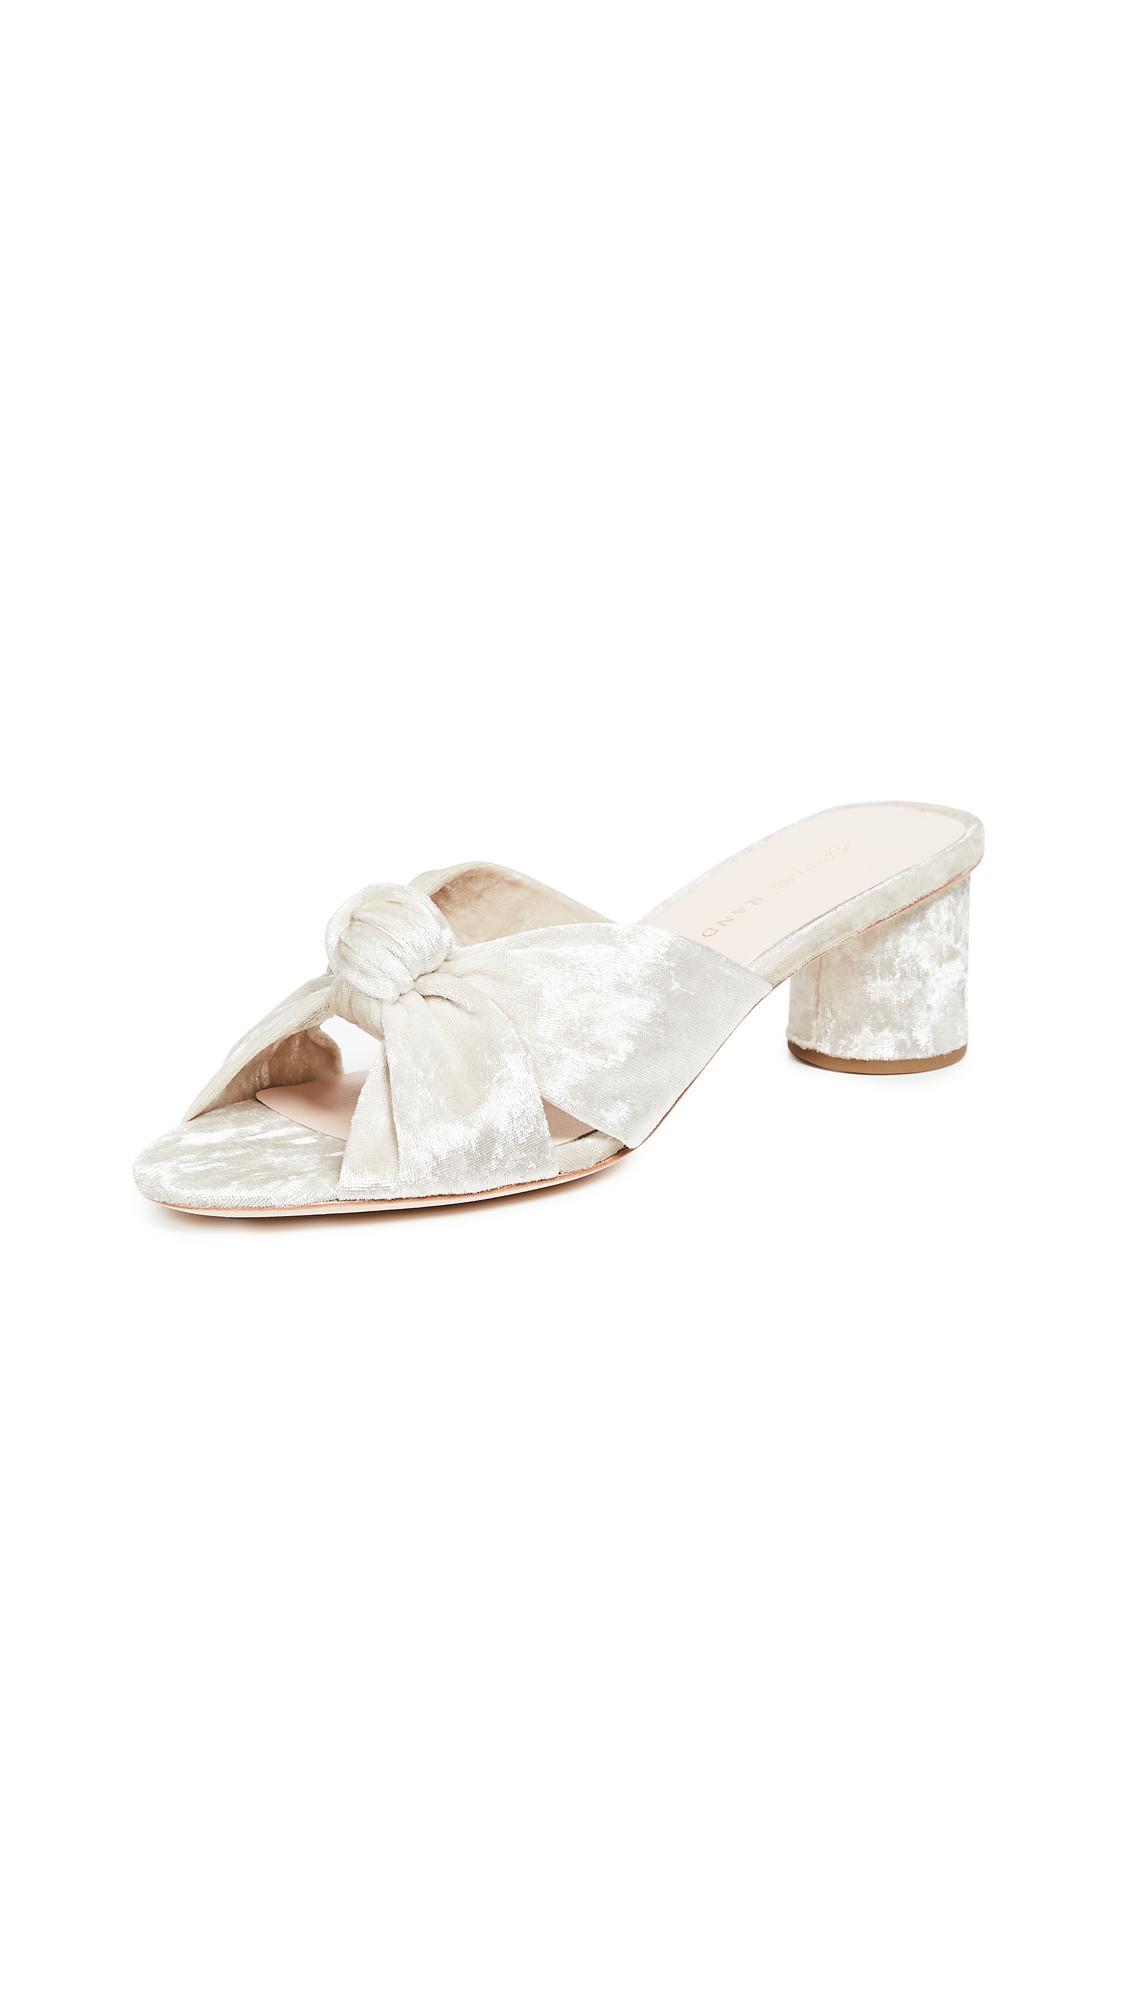 Loeffler Randall Celeste Knot Slides - Pearl